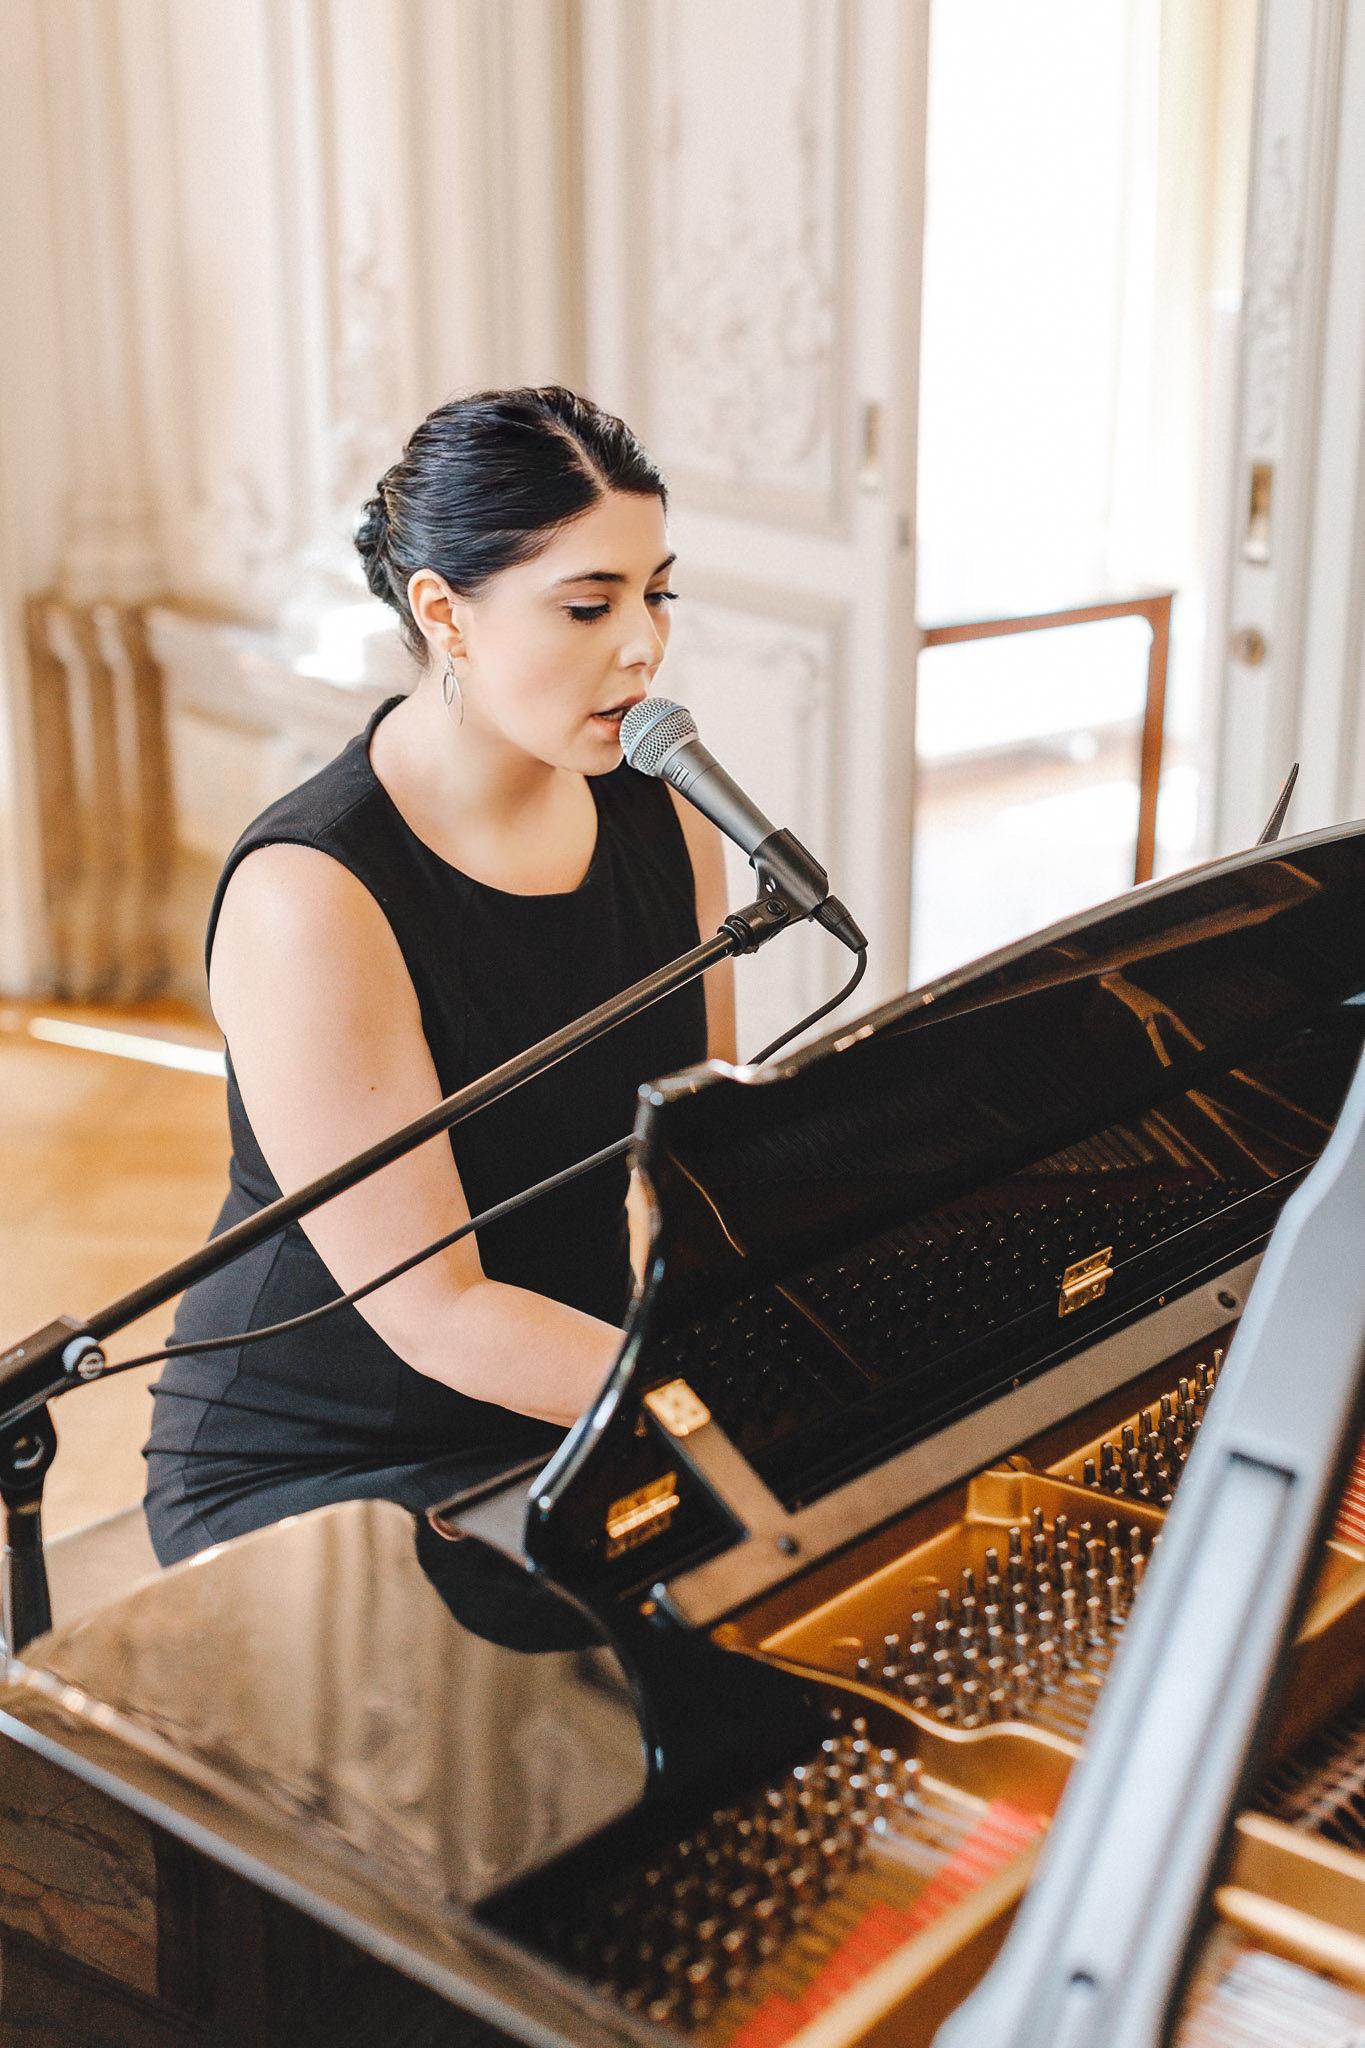 Sängerin Hochzeit Eileen